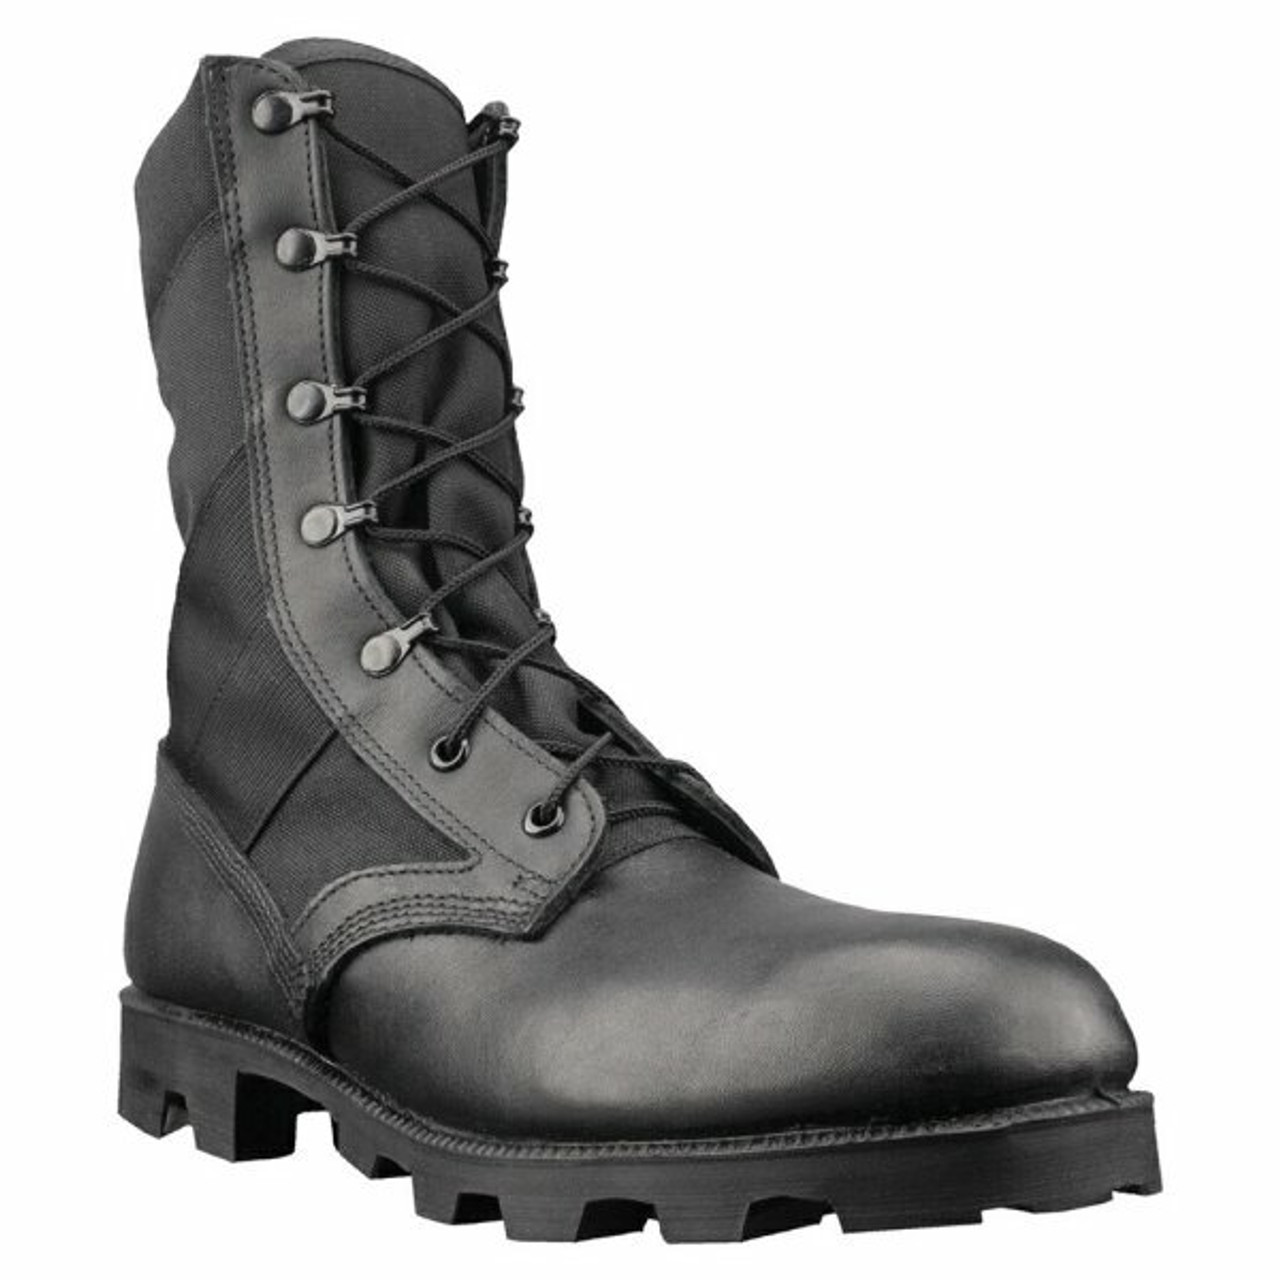 Altama Jungle PX 10.5 Tactical Boot